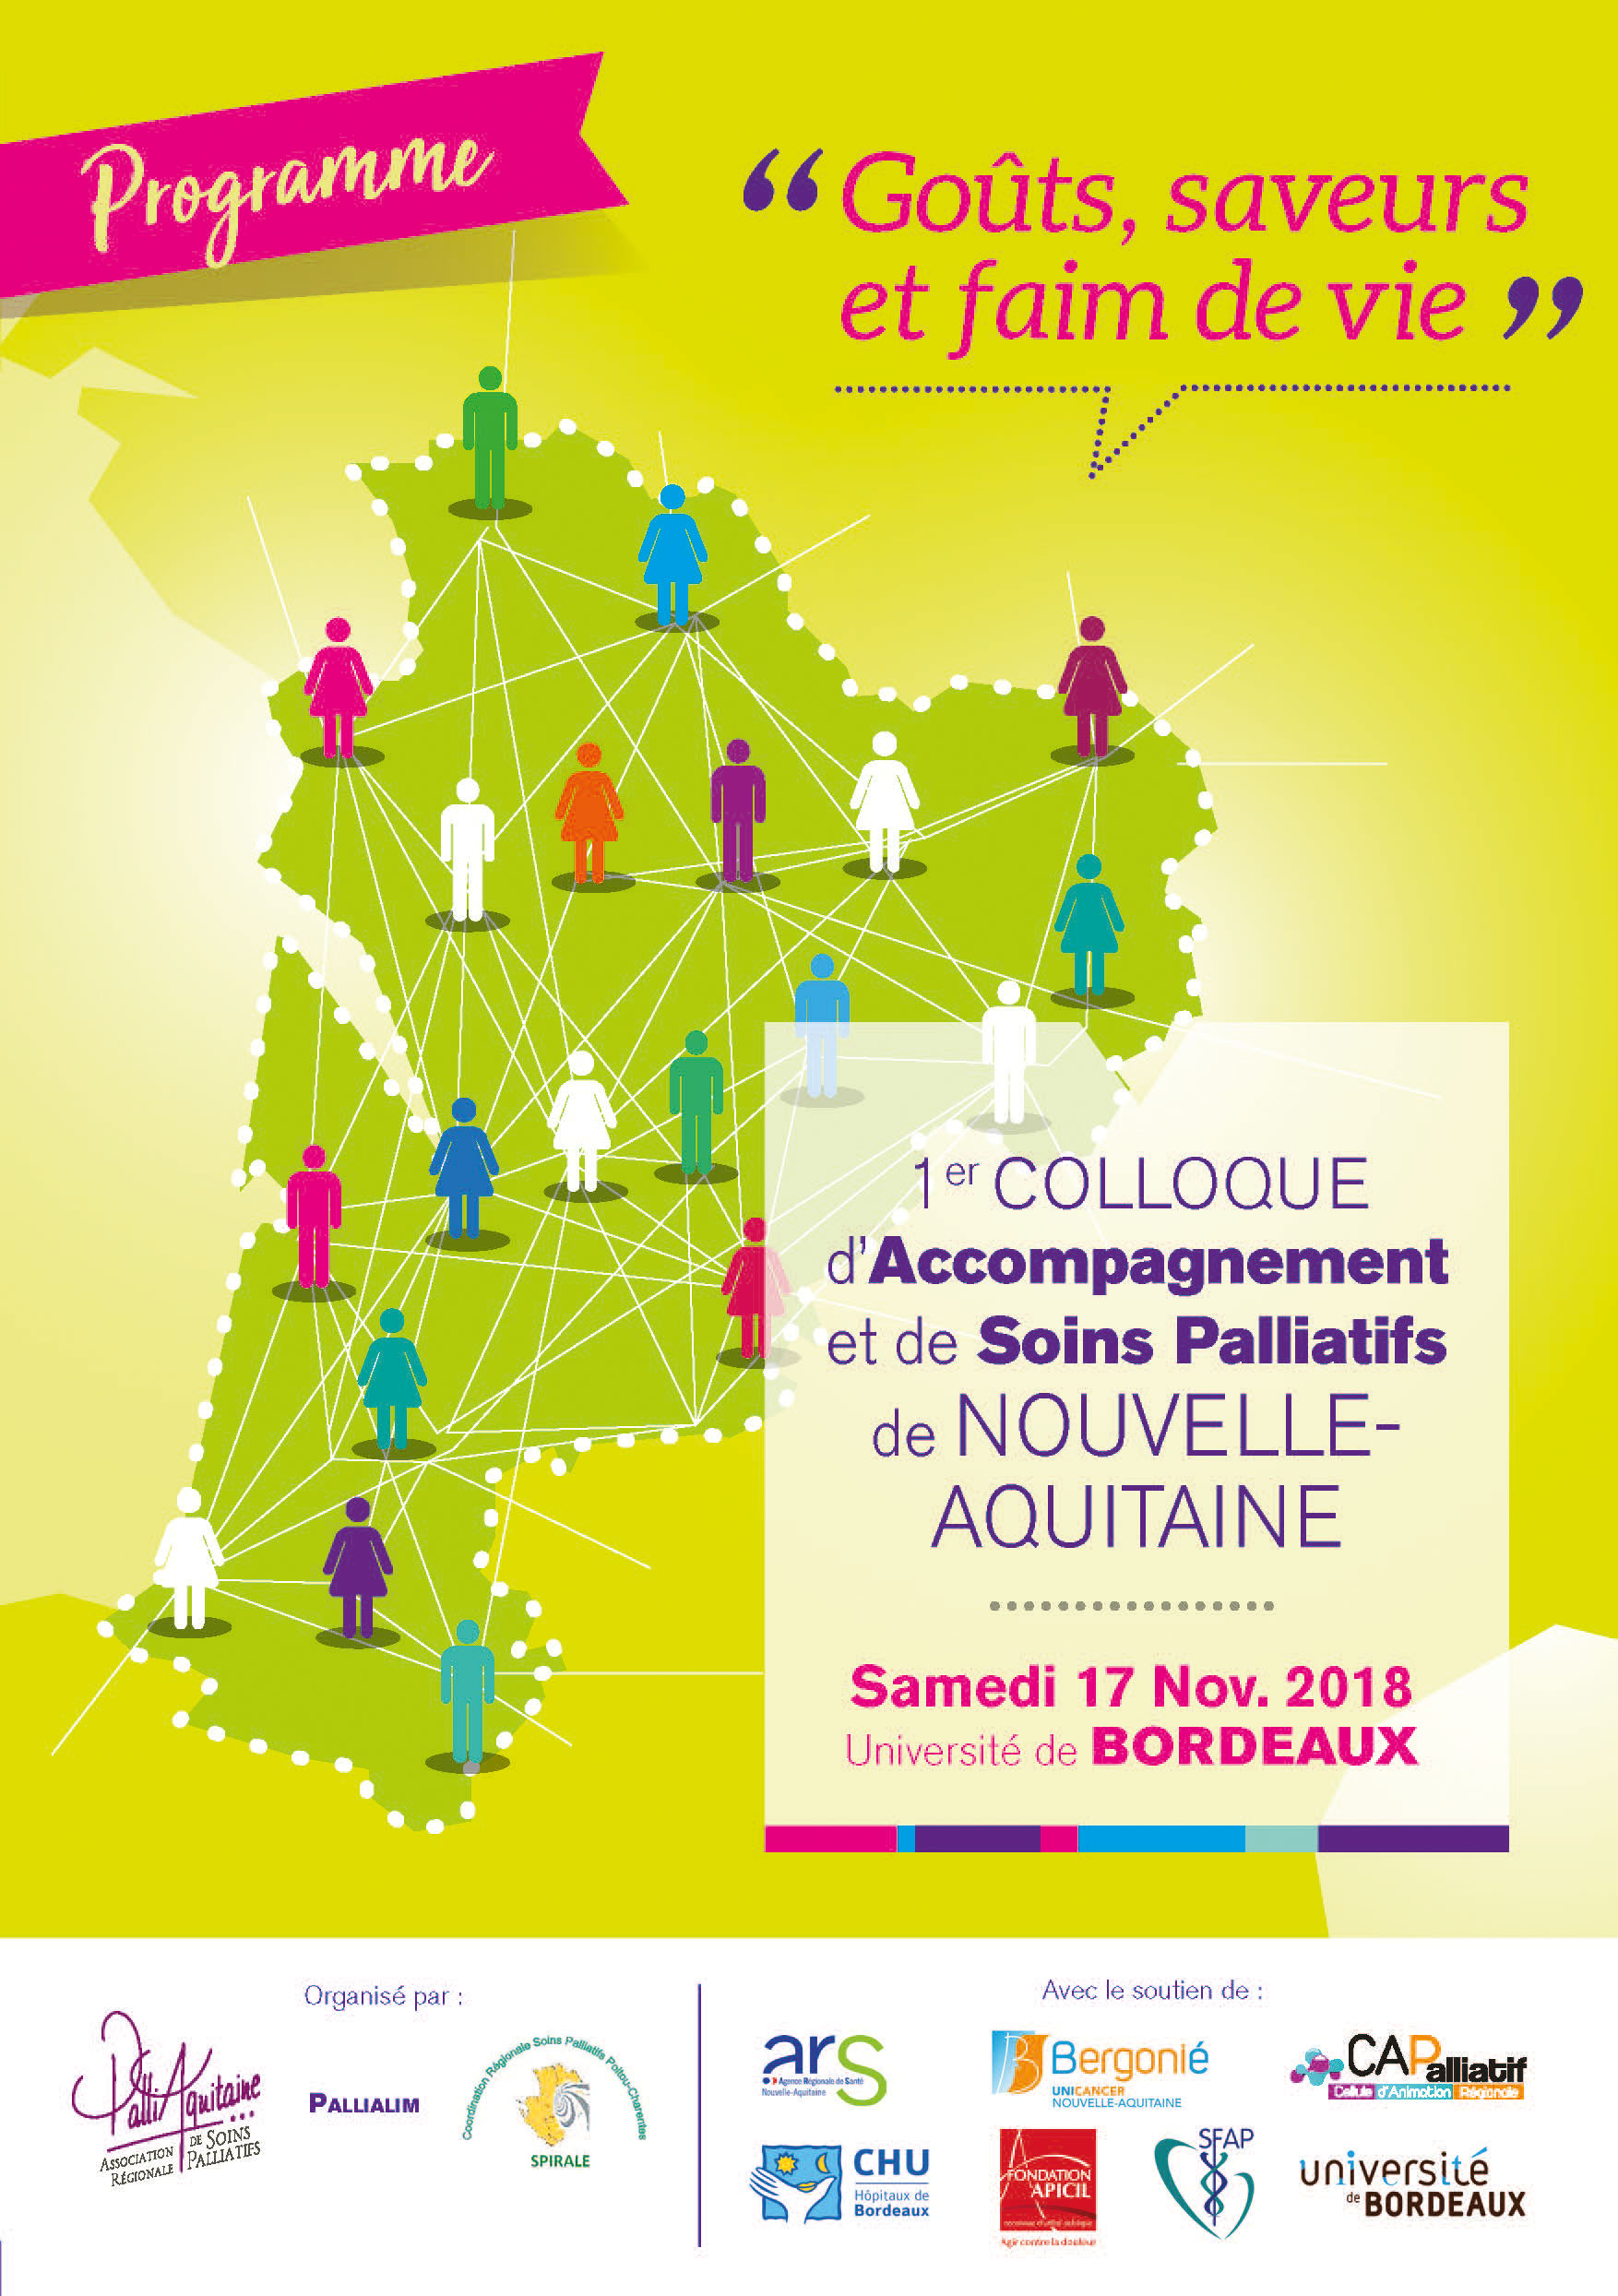 Affiche du colloque d'accompagne et de soins palliatifs